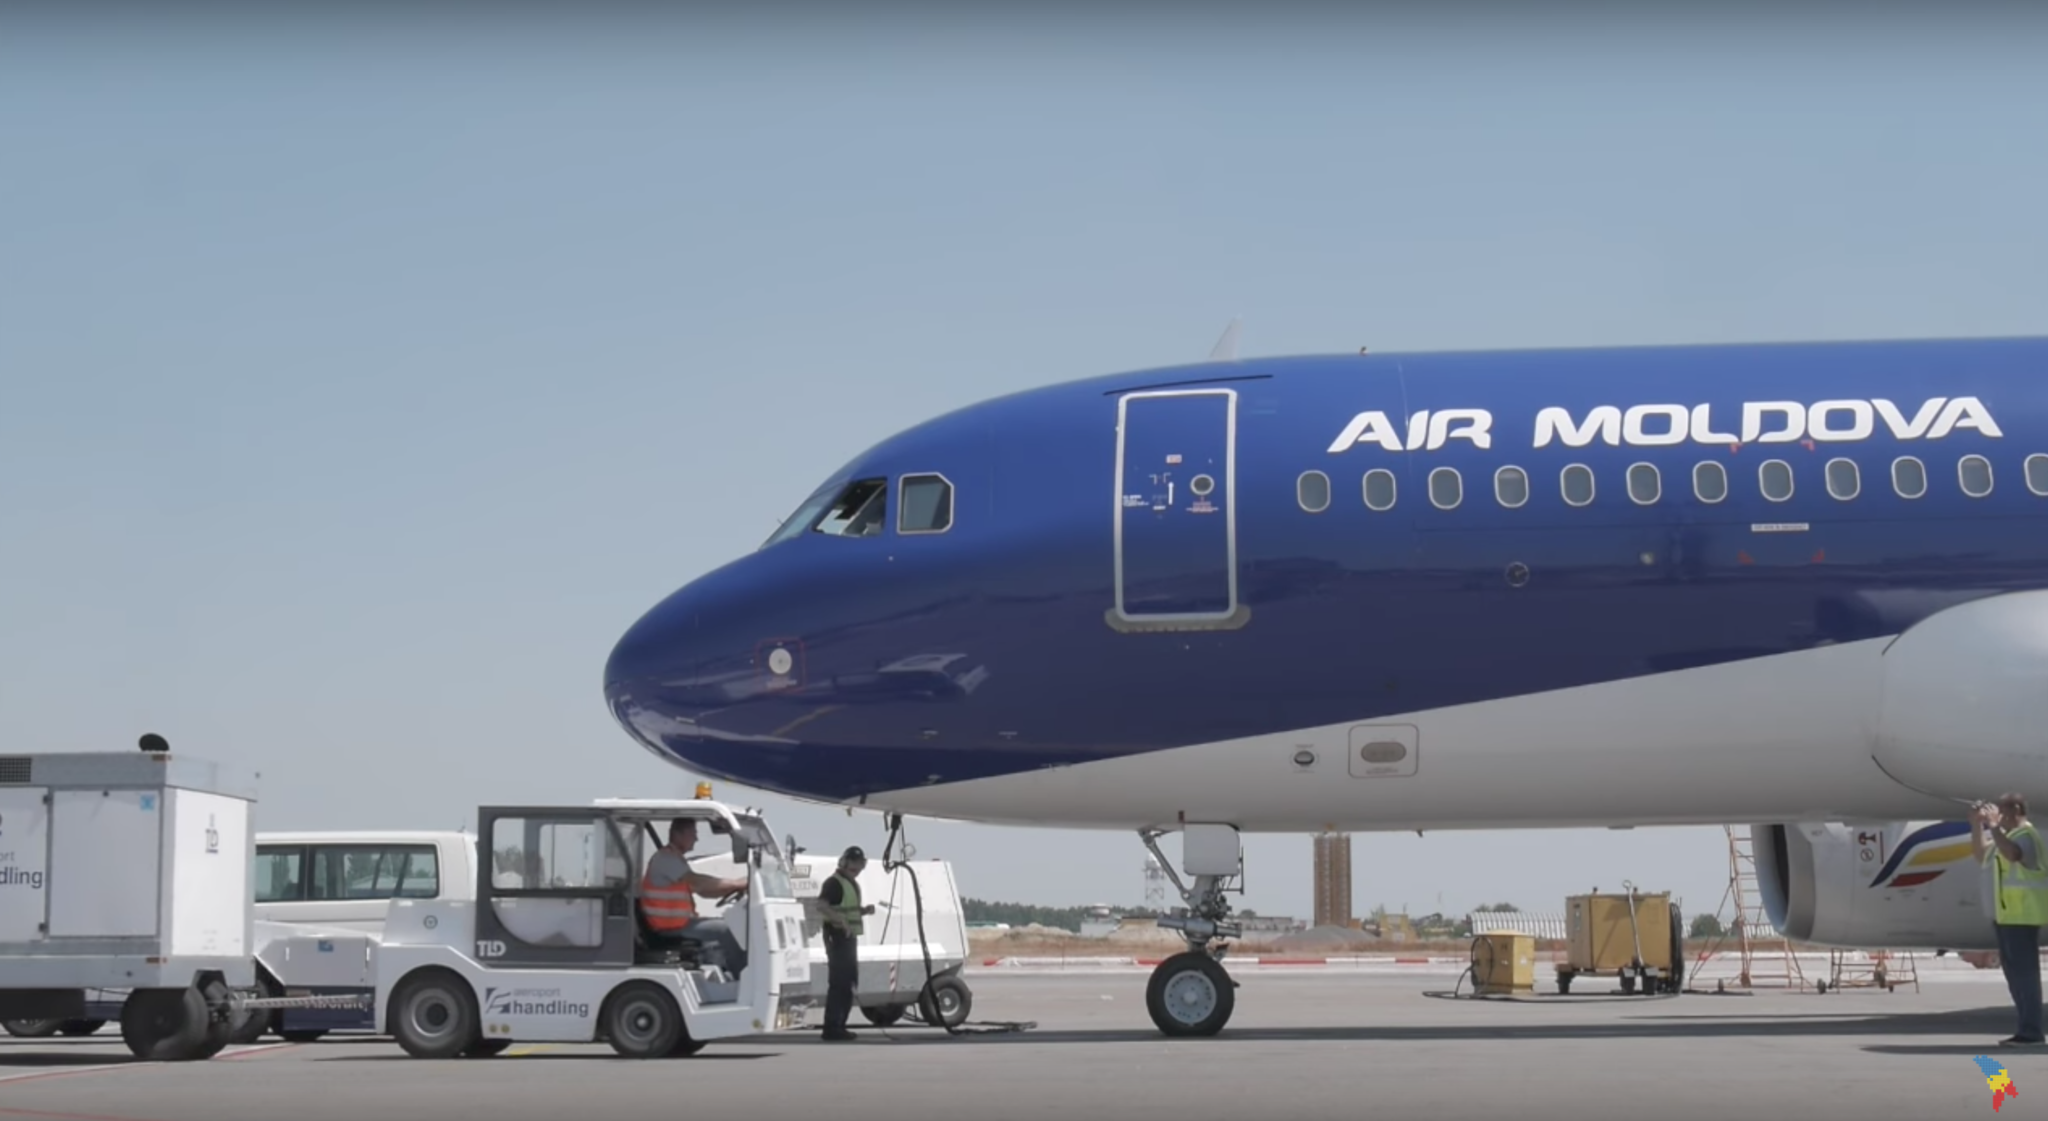 """""""Pilotul este condus de soția sa și nu este capabil să asigure securitatea pasagerilor"""": Un fost pilot """"Air Moldova"""" a cerut în instanță apărarea onoarei și 1 milion de lei"""